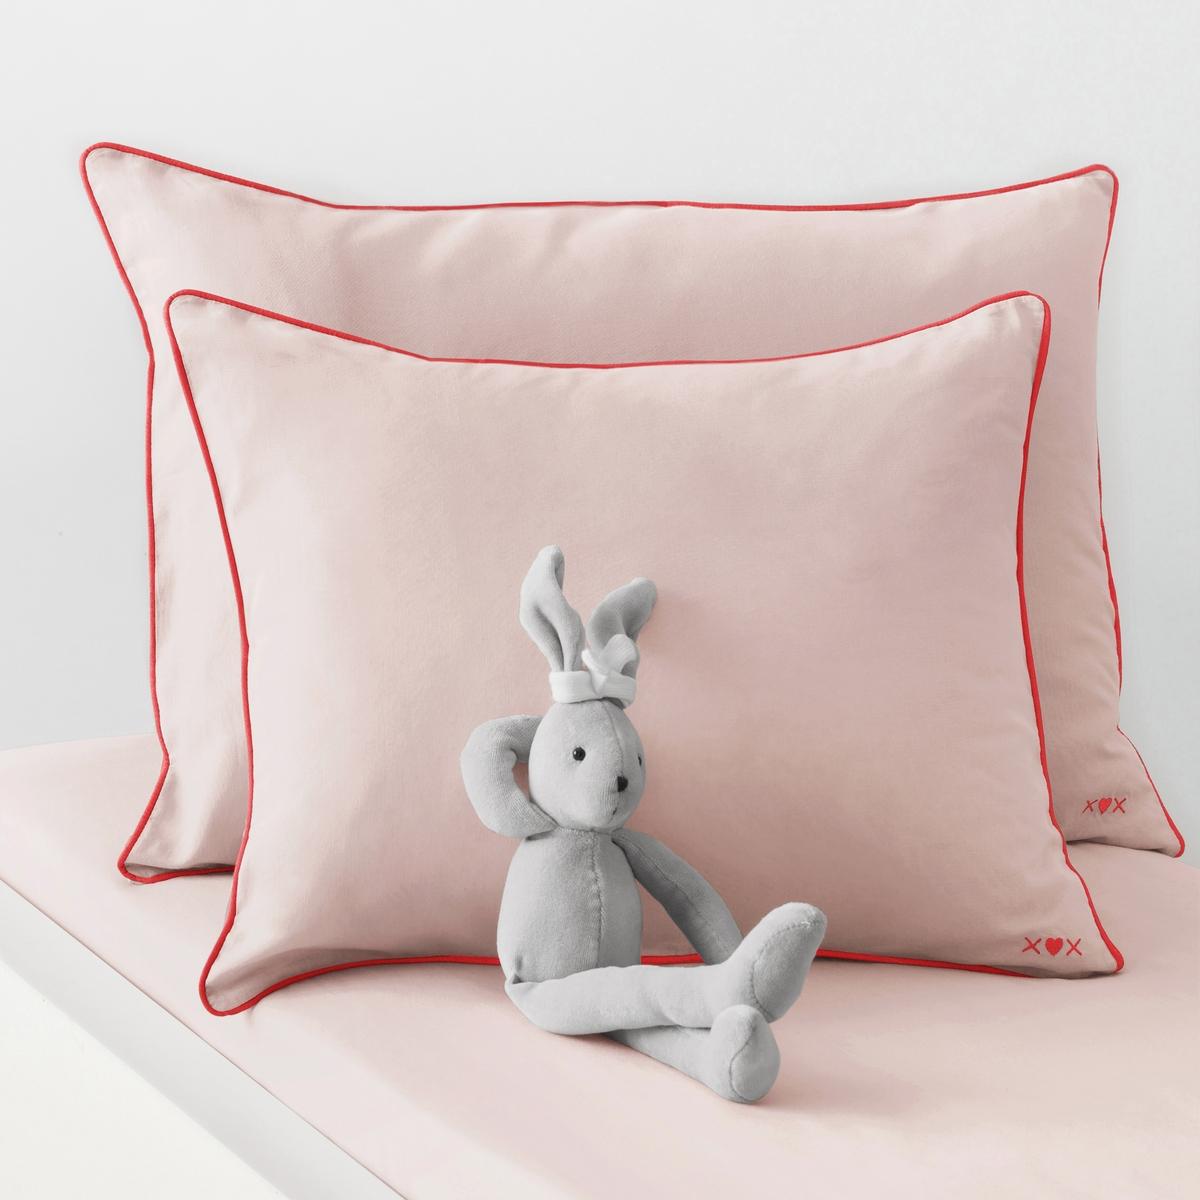 Наволочка La Redoute Детская однотонная из хлопка 40 x 60 см розовый наволочка детская из хлопка melusine